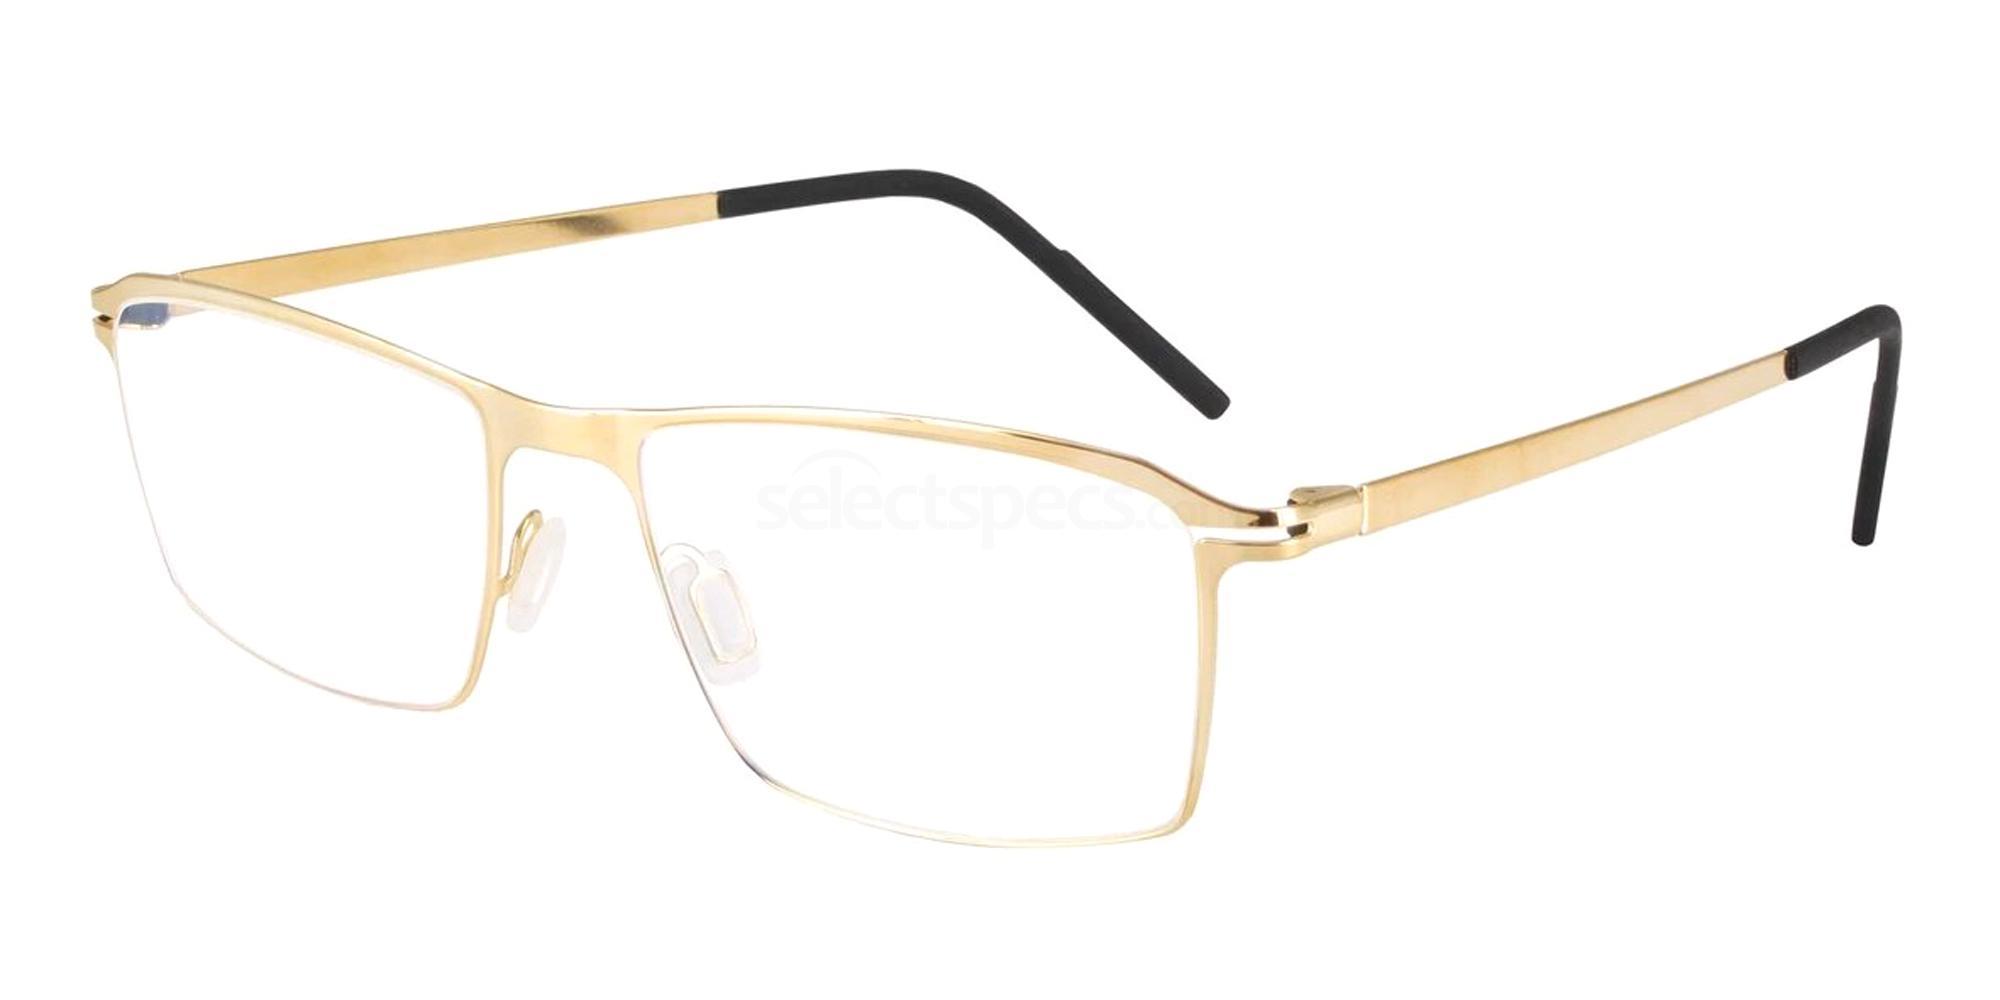 REG/KER1 KERID GOLD EDITION Glasses, Reykjavik Eyes Black Label